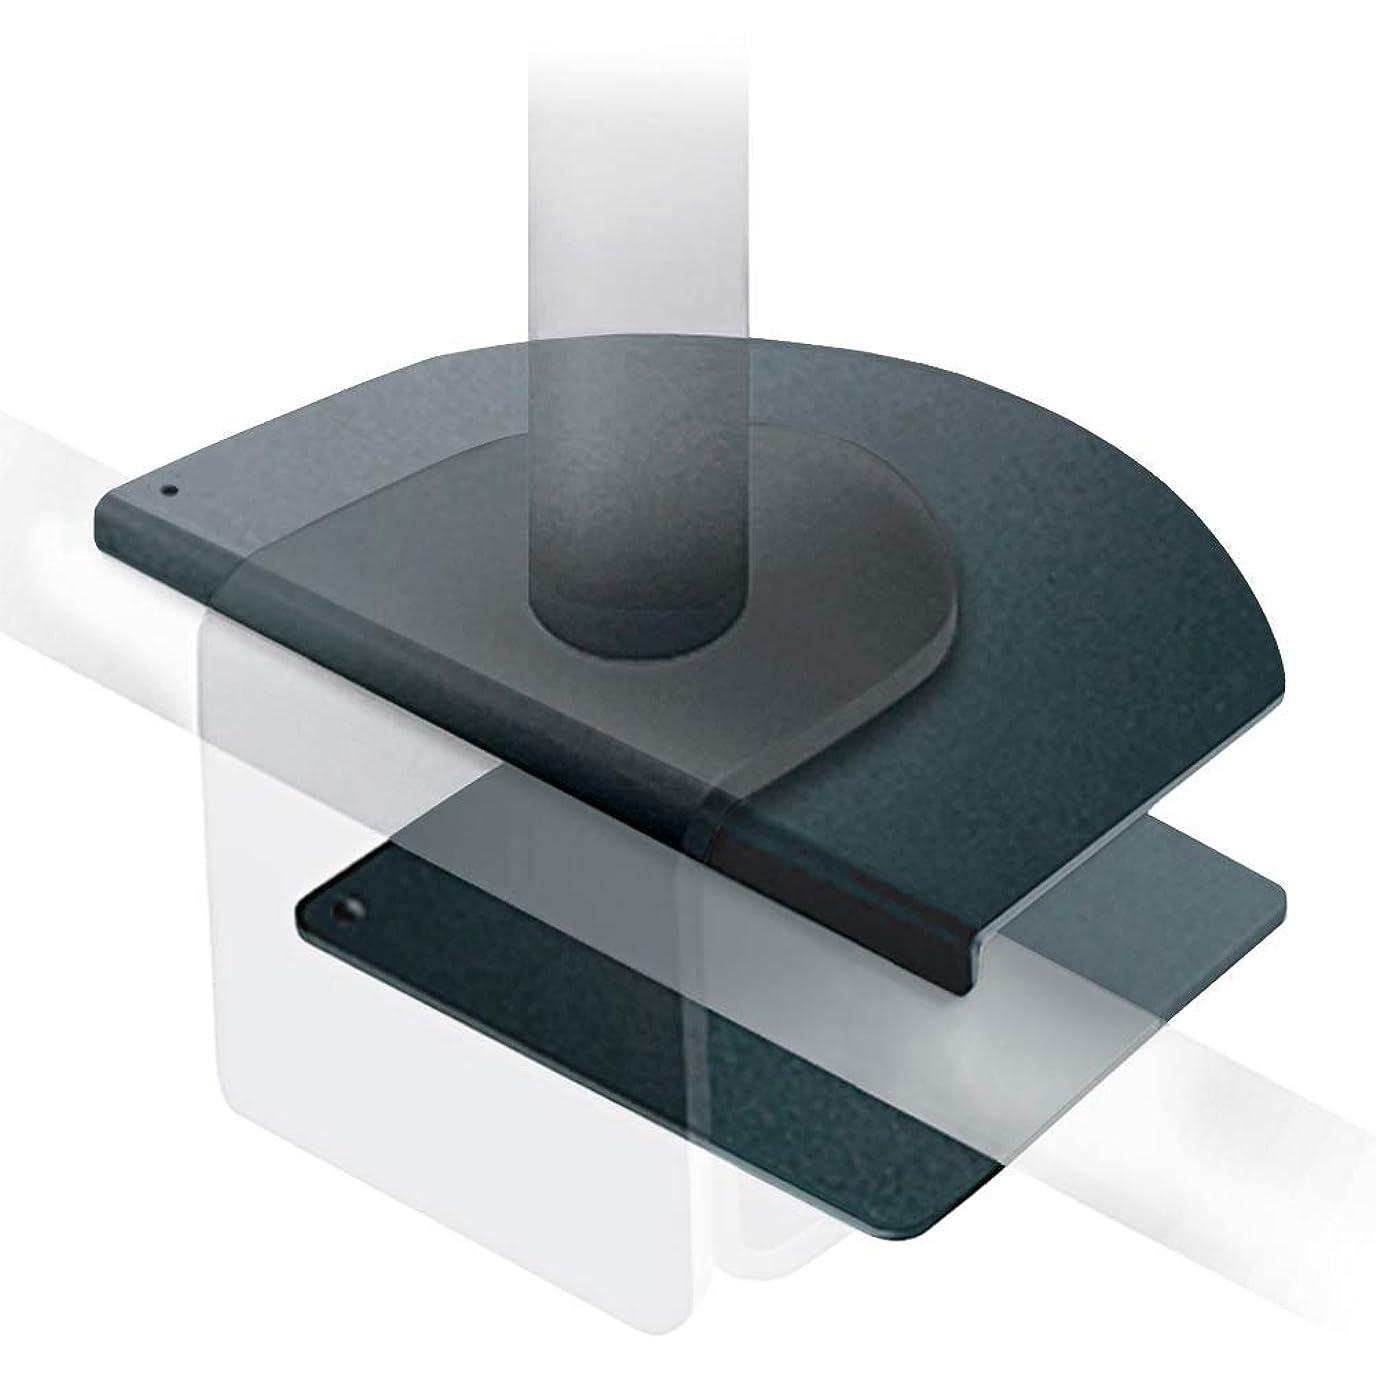 ボックス真実に保護e-lynk モニターアーム 補強 補強プレート ディスプレイアーム 2画面 取付対応 滑り止め 保護シート 付き